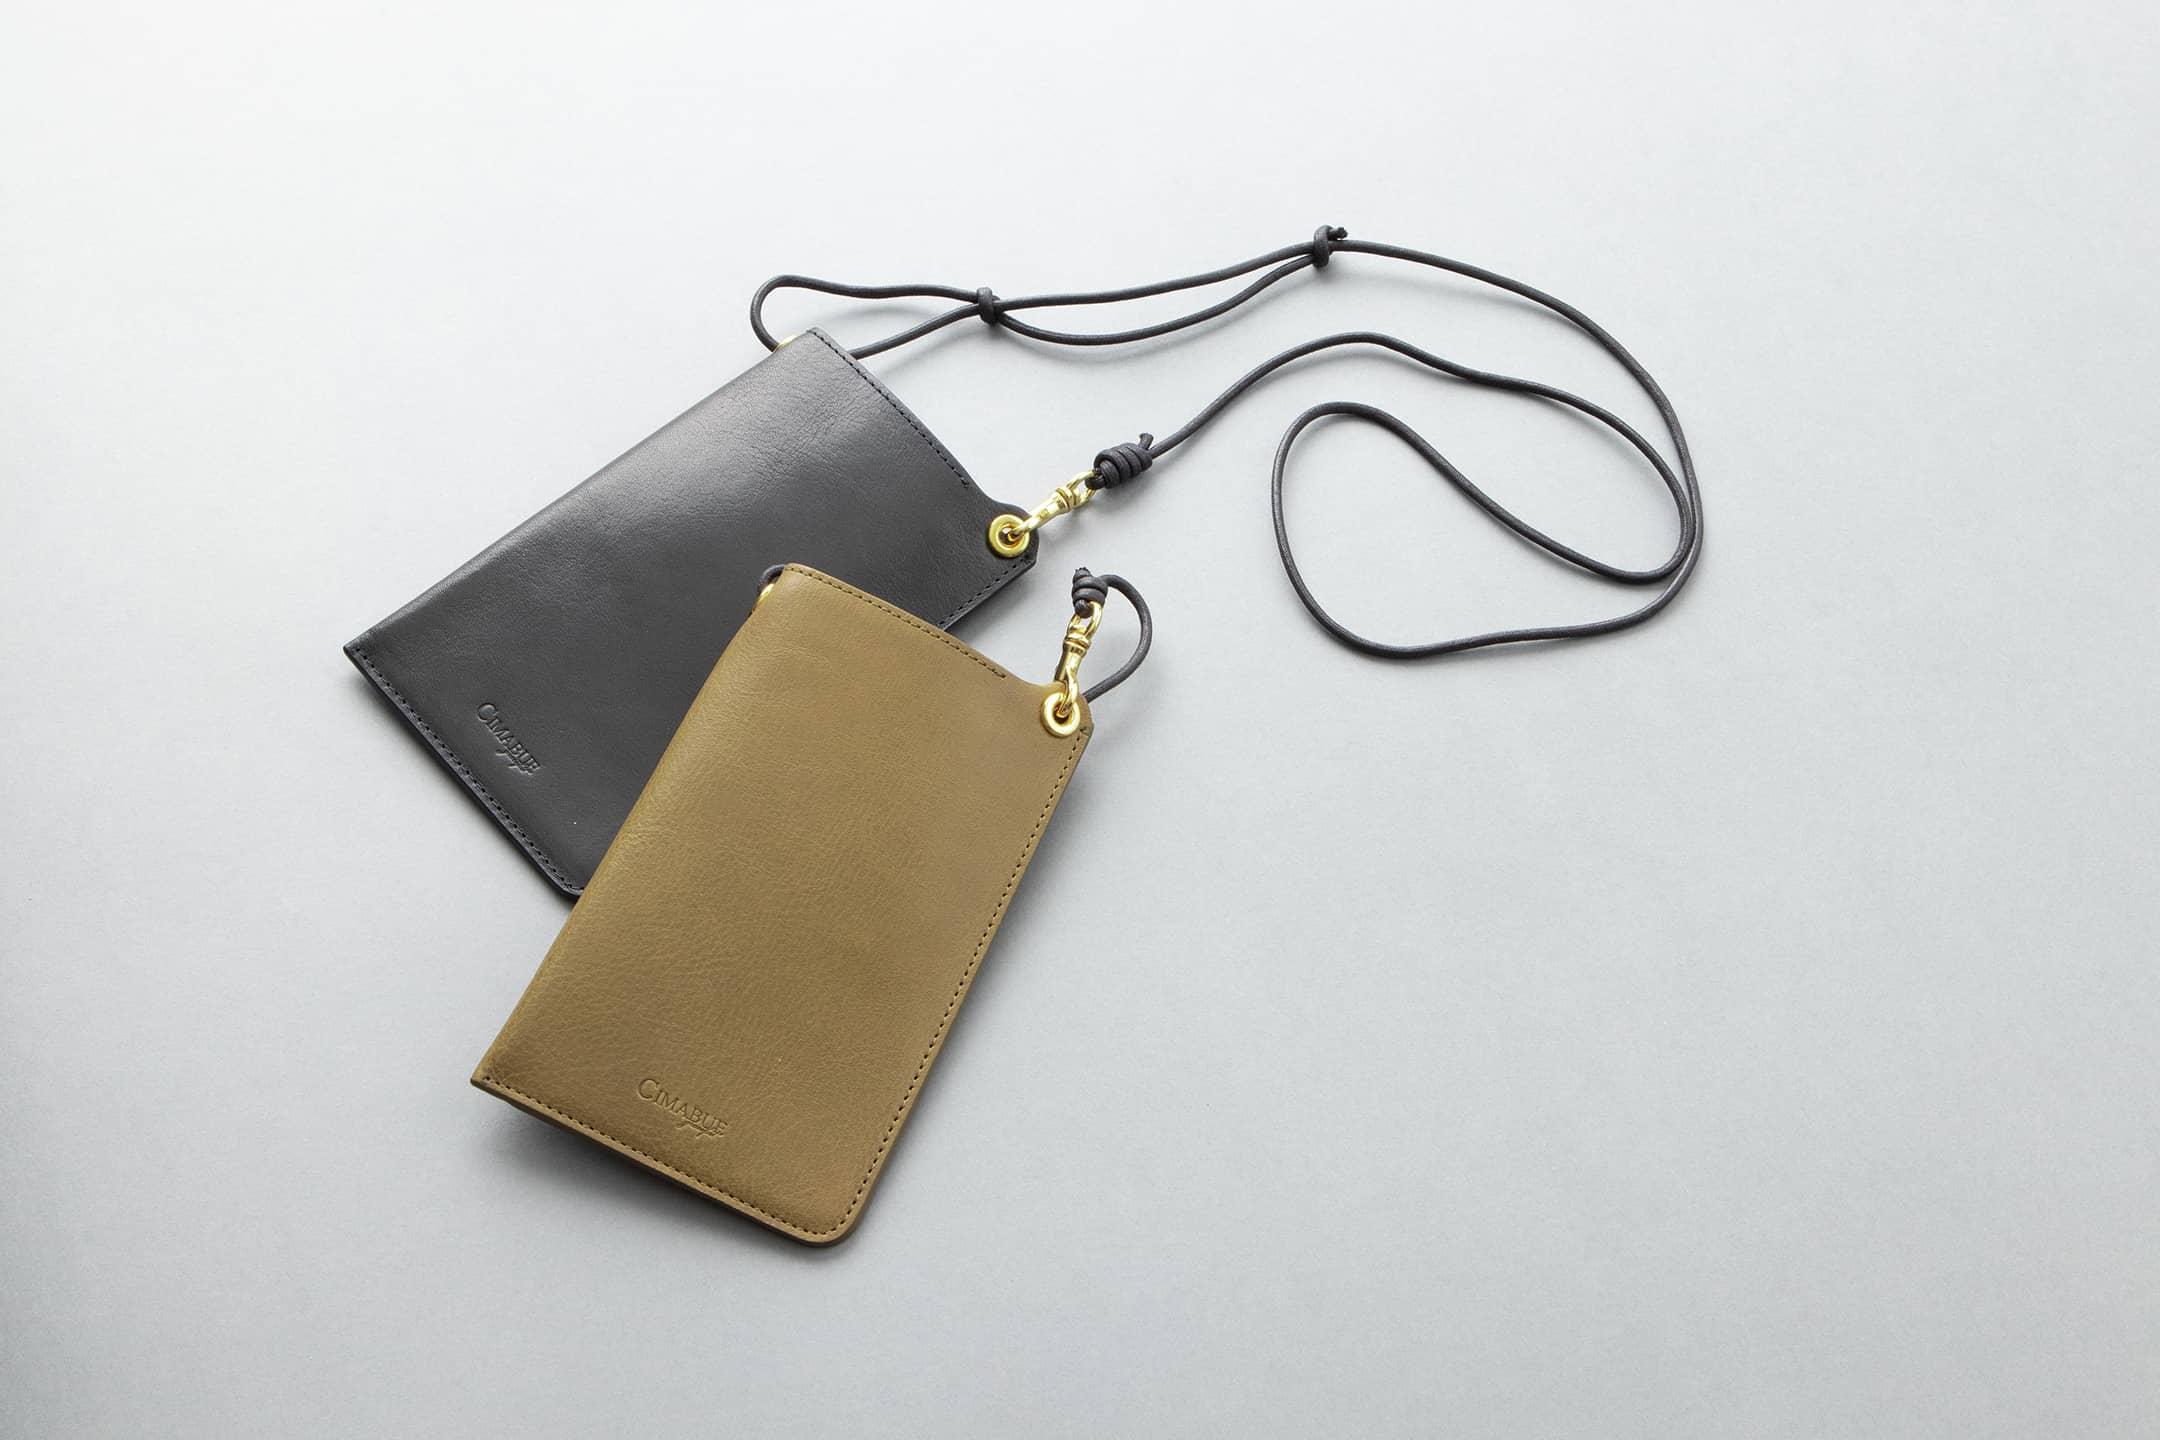 オイルバケッタ モバイルポーチ by CIMABUE(チマブエ)